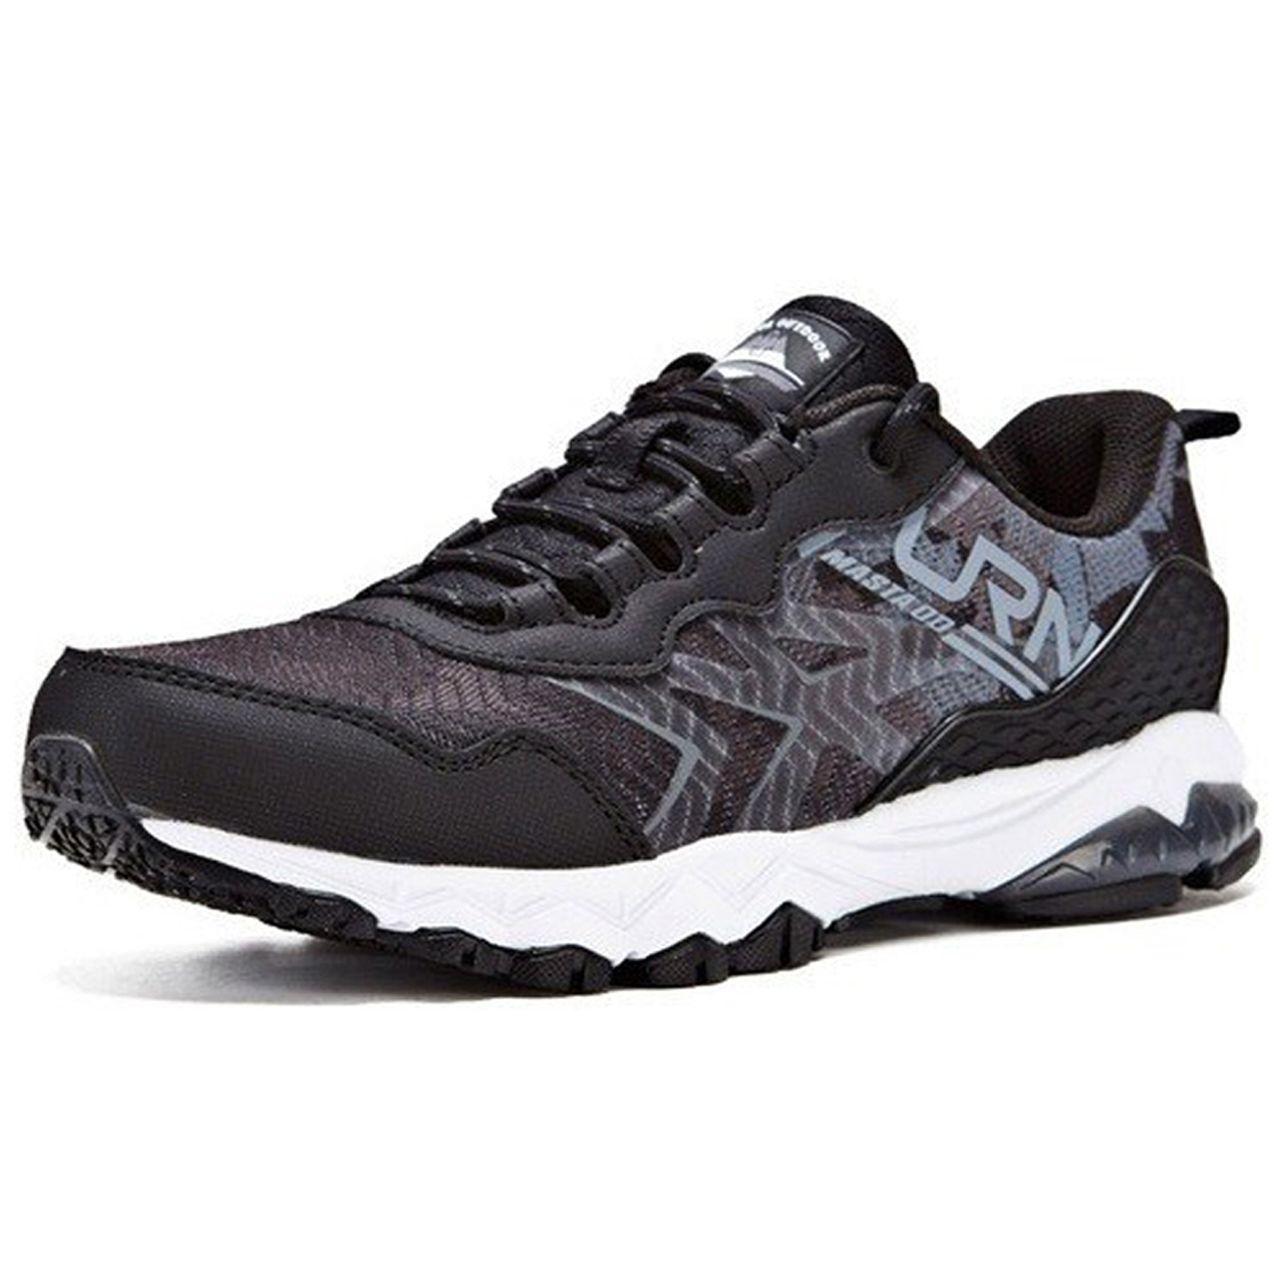 کفش طبیعت گردی زنانه 361 درجه مدل 581833318 -  - 5